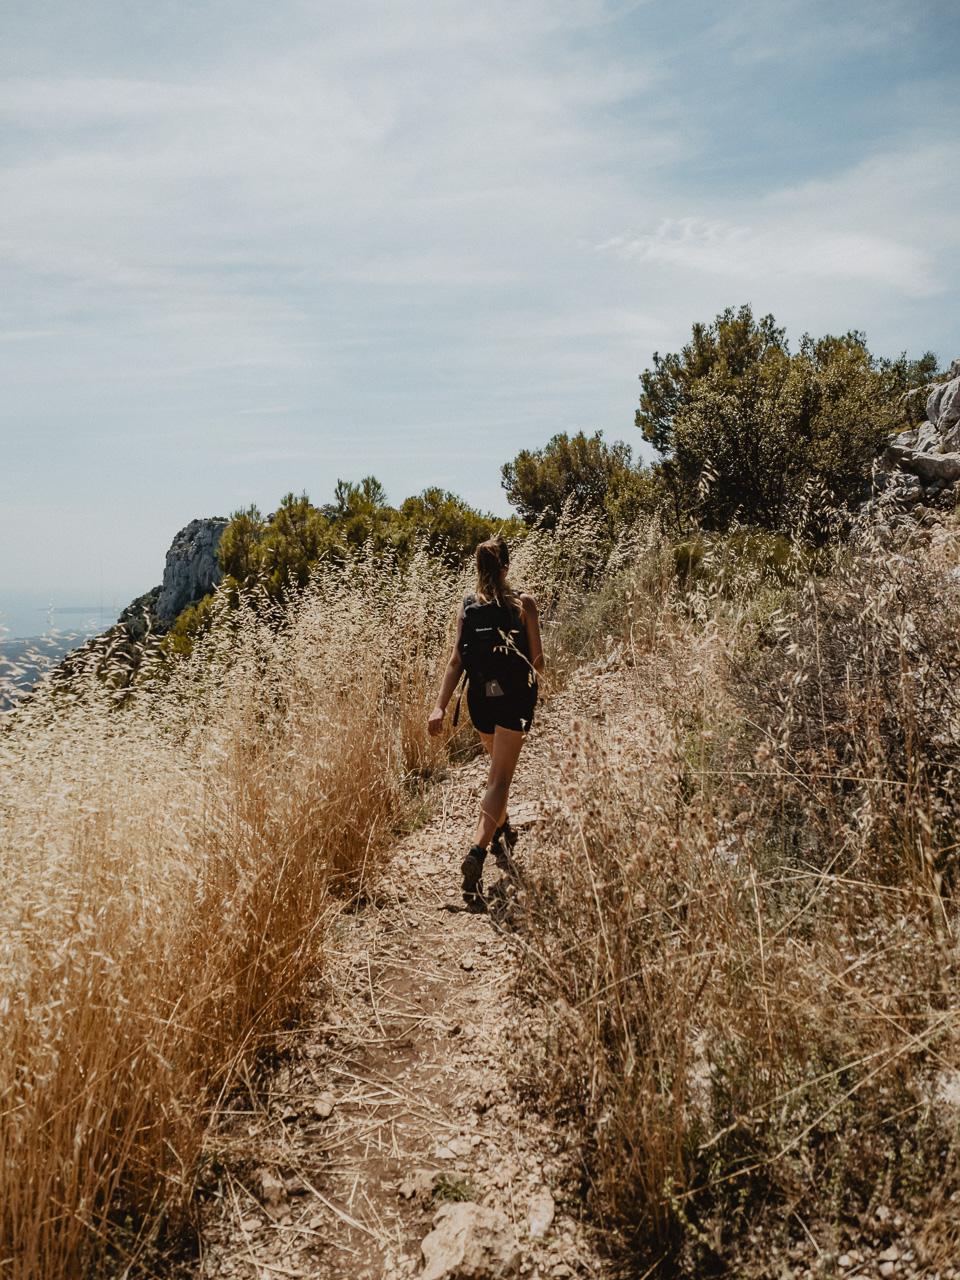 Le Baou de Saint Jeannet, la meilleure randonnée et le plus beau panorama de la Côte d'Azur ! Le guide pratique pour l'ascension (itinéraire, difficulté, matériel, spots photo, flore...) - Kallisteha, voyages et vérités